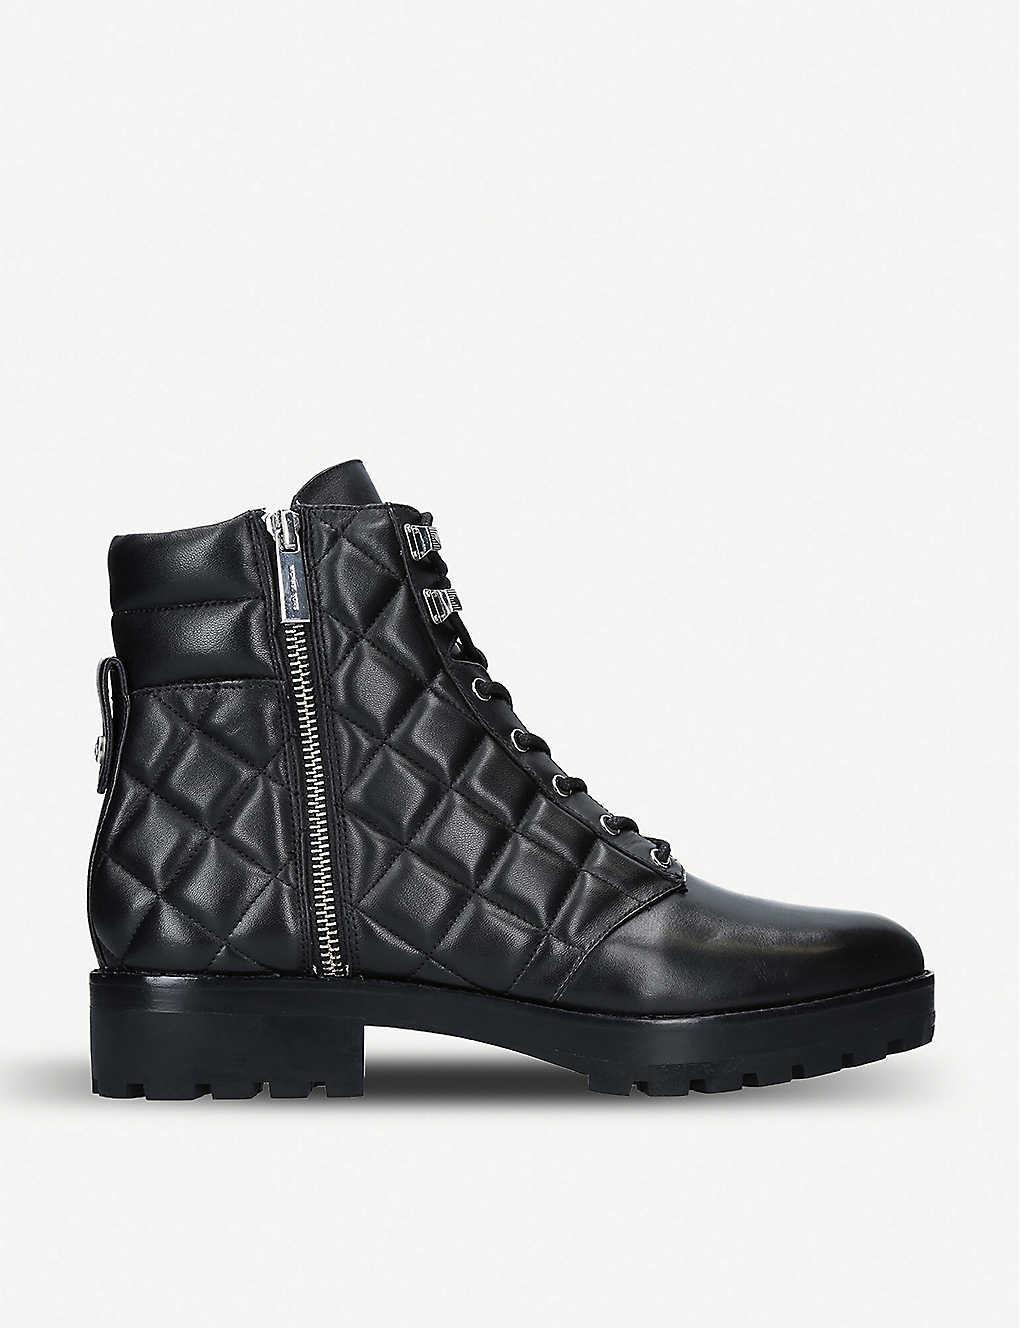 ce5d1bd654c MICHAEL MICHAEL KORS - Rosario leather combat boots | Selfridges.com